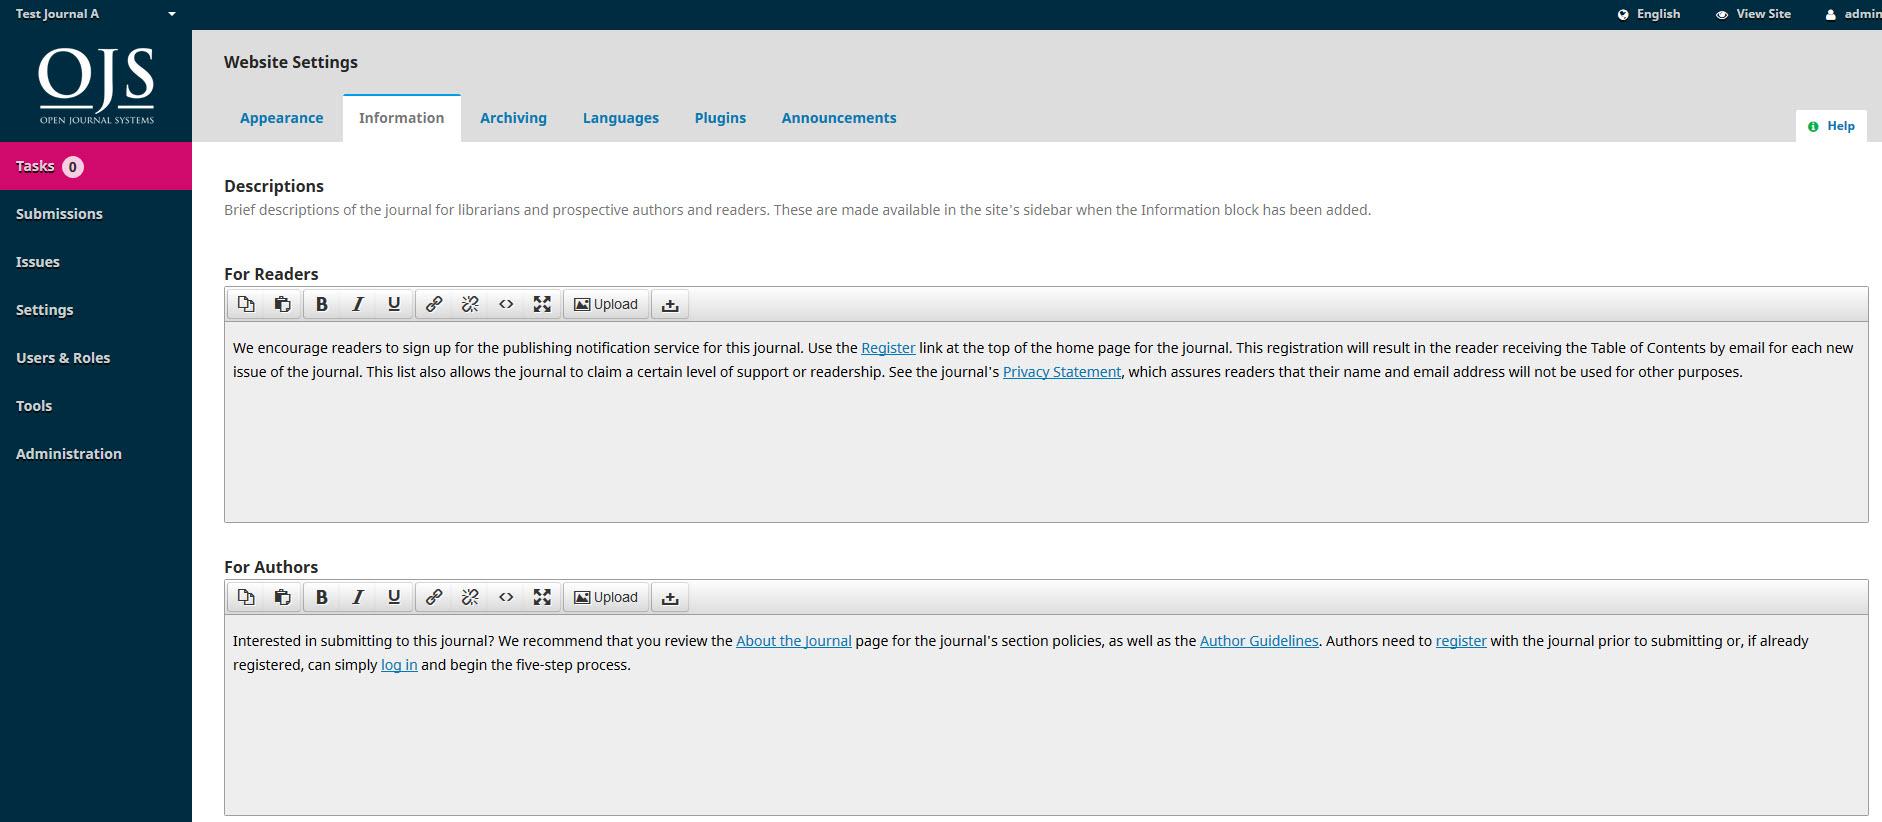 ojs3-website-settings-information